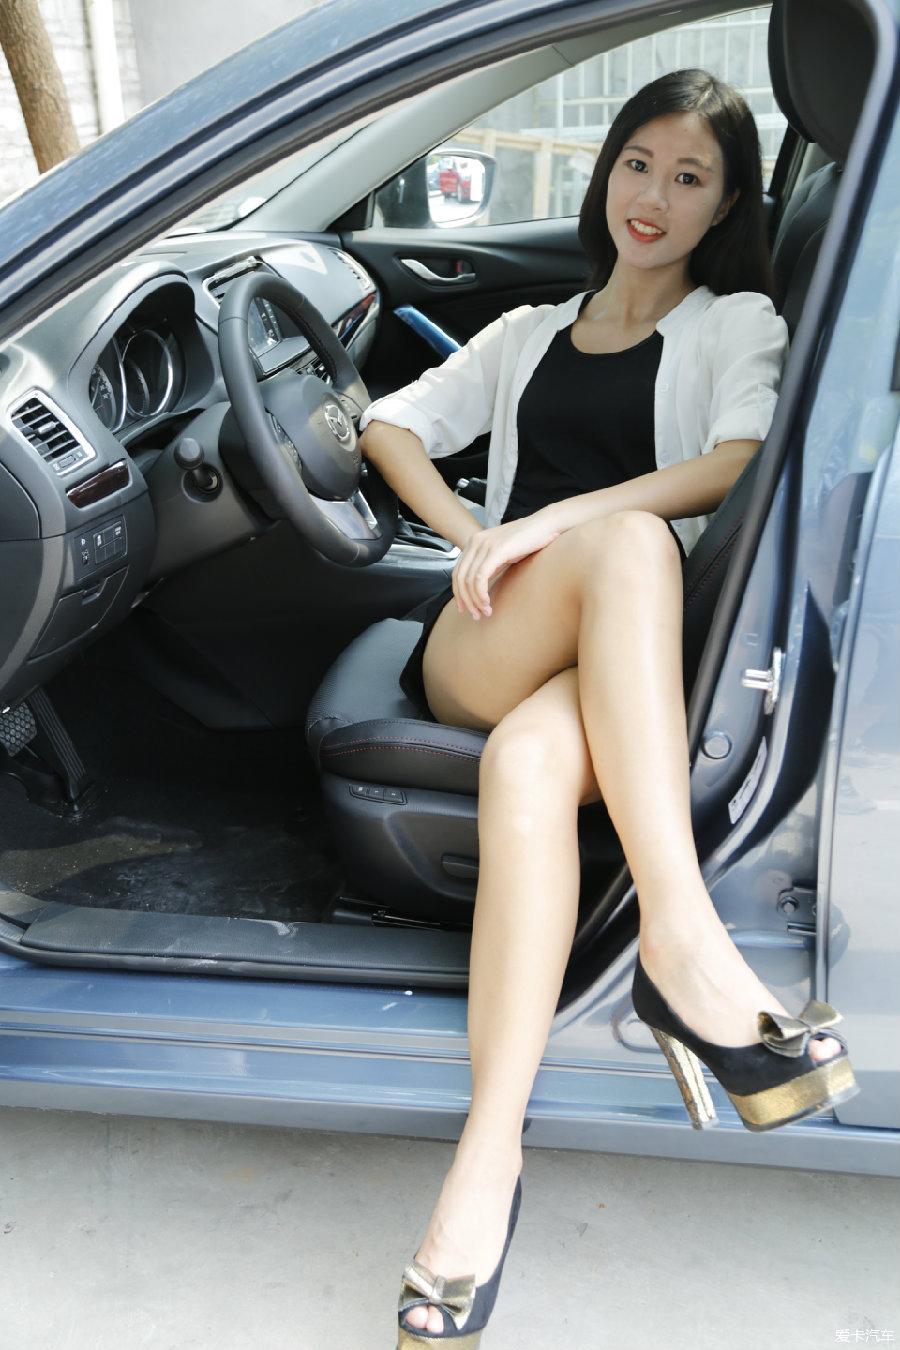 TENZA长腿媳妇当车模 用车报告,求上首页图片